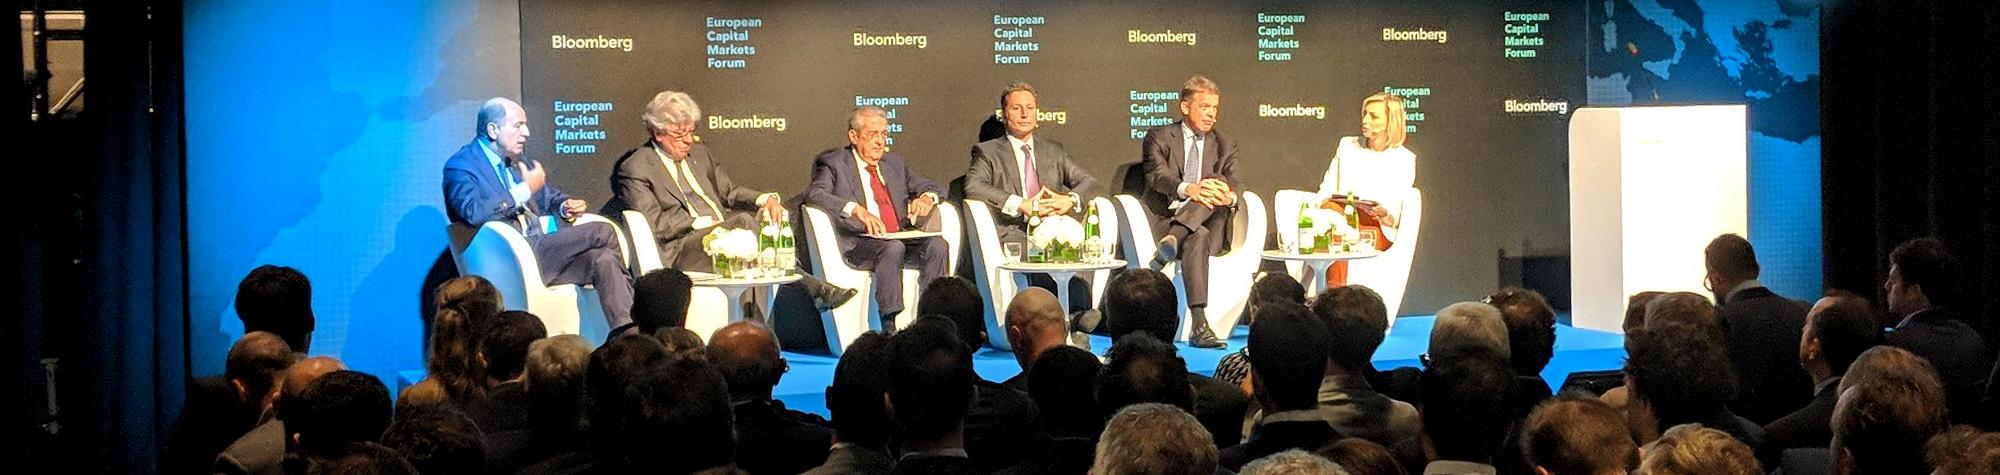 Il Ministro Tria interviene all'evento Bloomberg